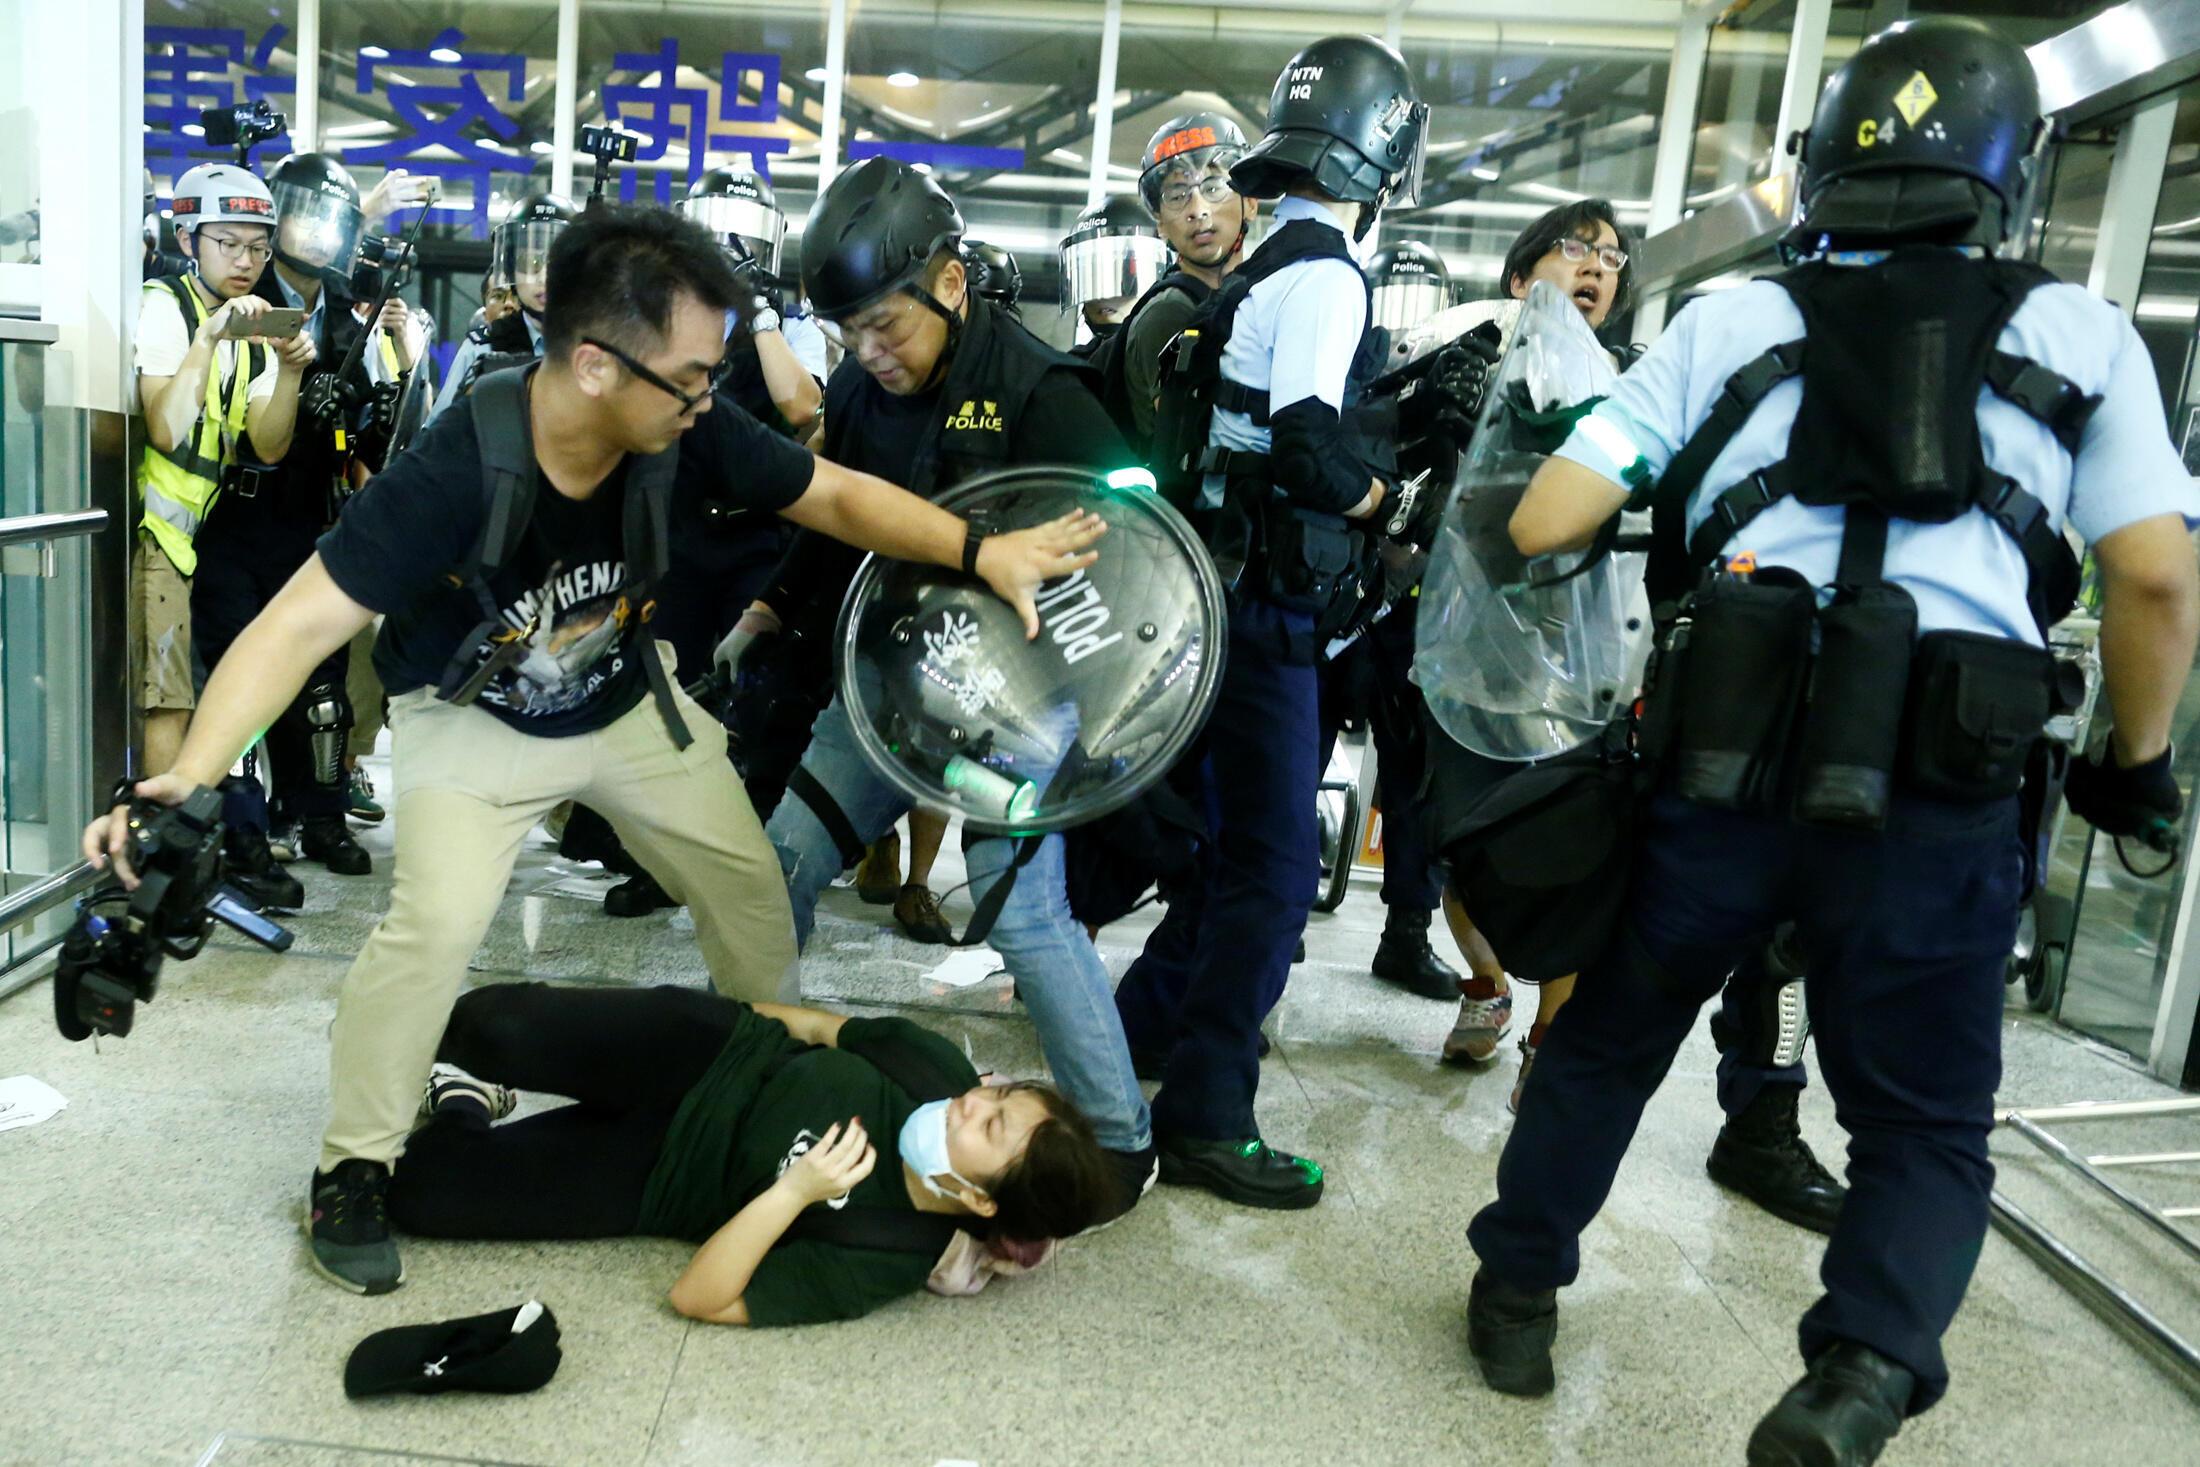 Cảnh sát Hồng Kông đụng độ với người biểu tình chống chính quyền tại sân bay Hồng Kông ngày 13/08/2019.